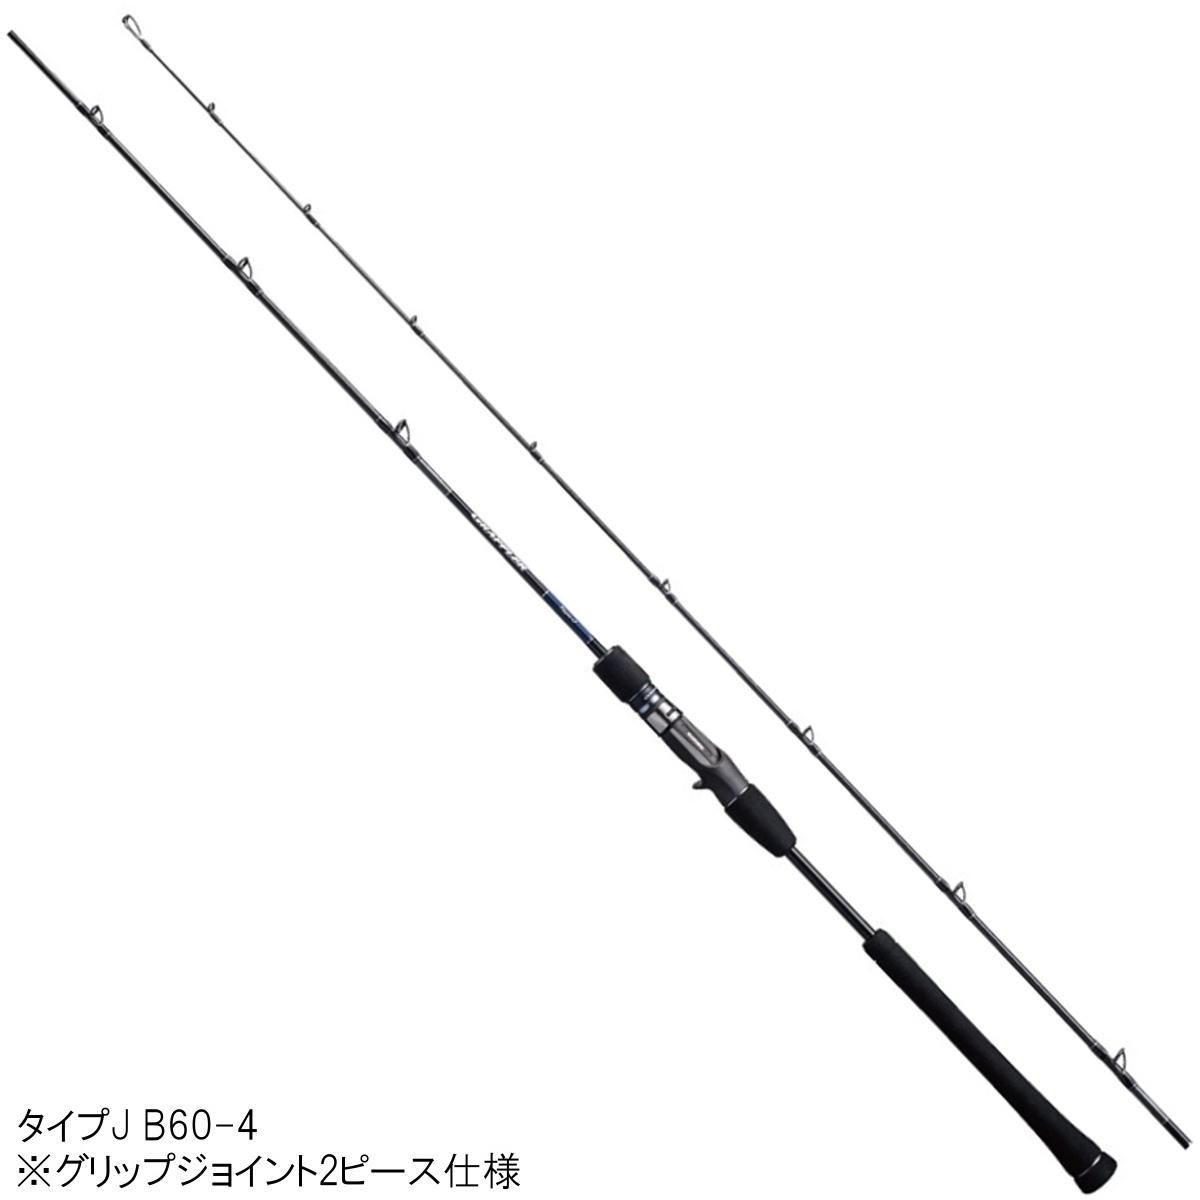 シマノ グラップラー タイプJ B60-4(東日本店)